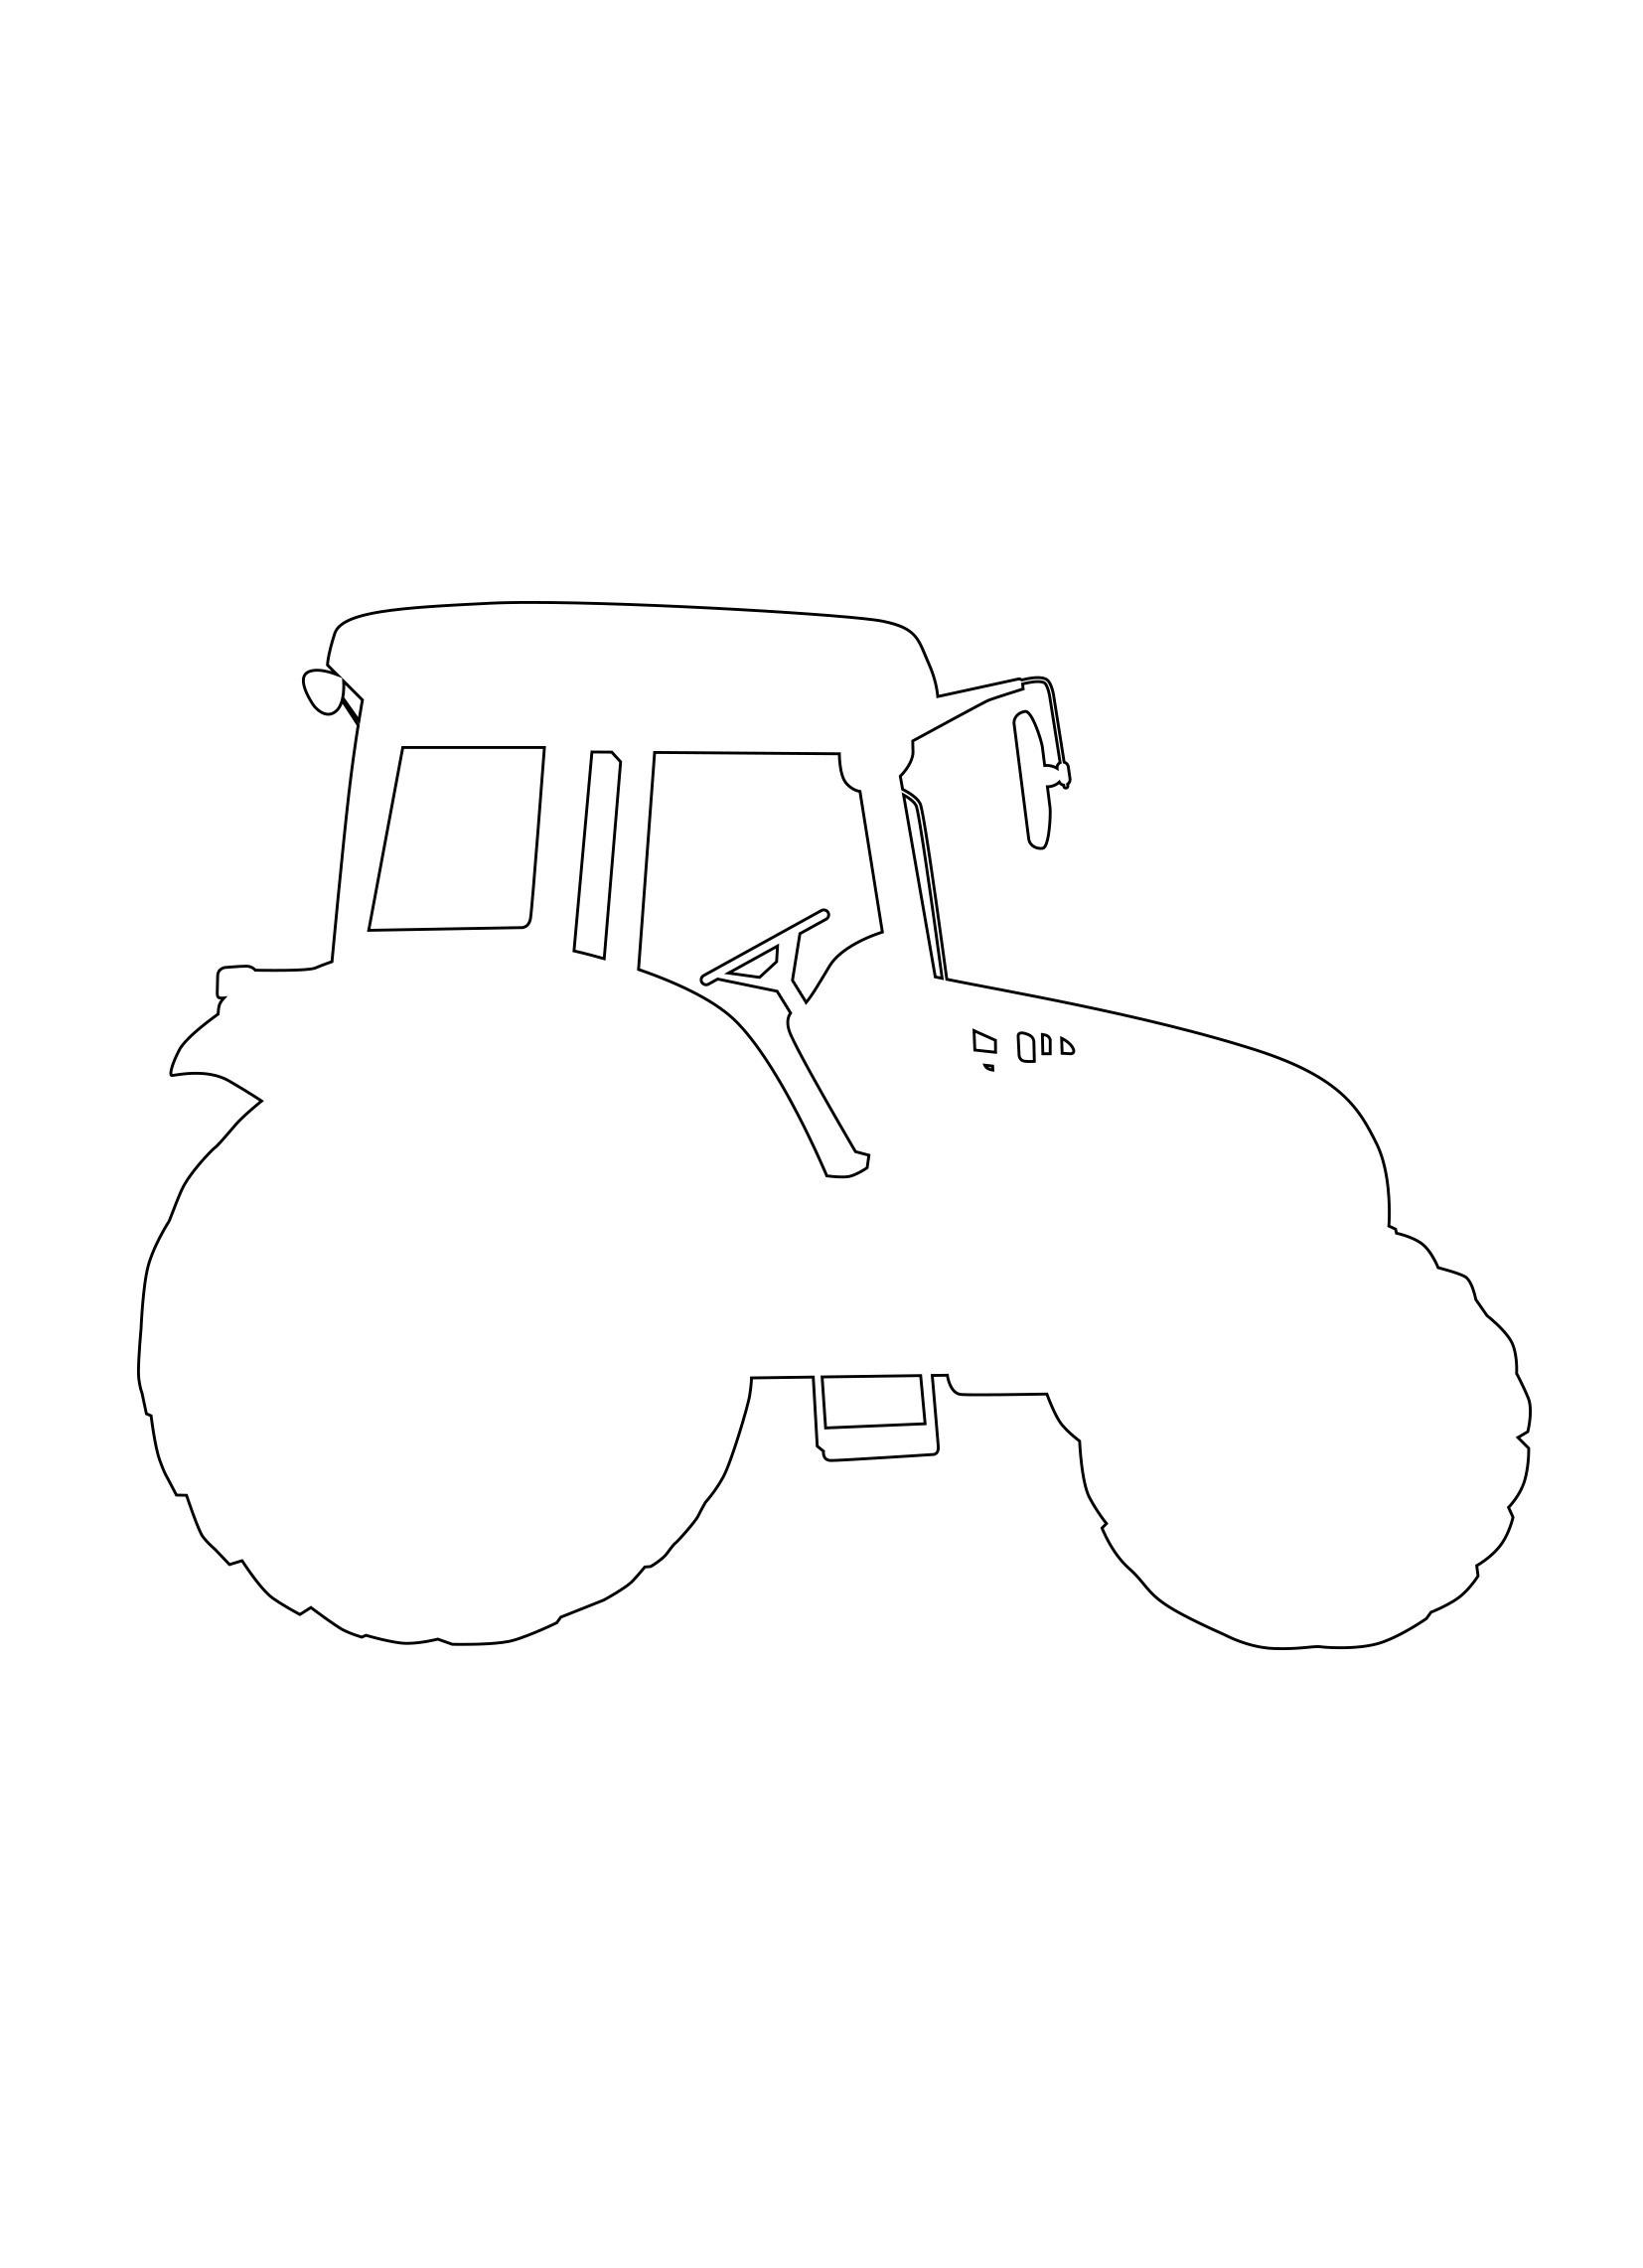 Ausmalbilder Traktor Fendt Inspirierend Traktor Fendt Malvorlagen Kostenlos Zum Ausdrucken Ausmalbilder Sammlung